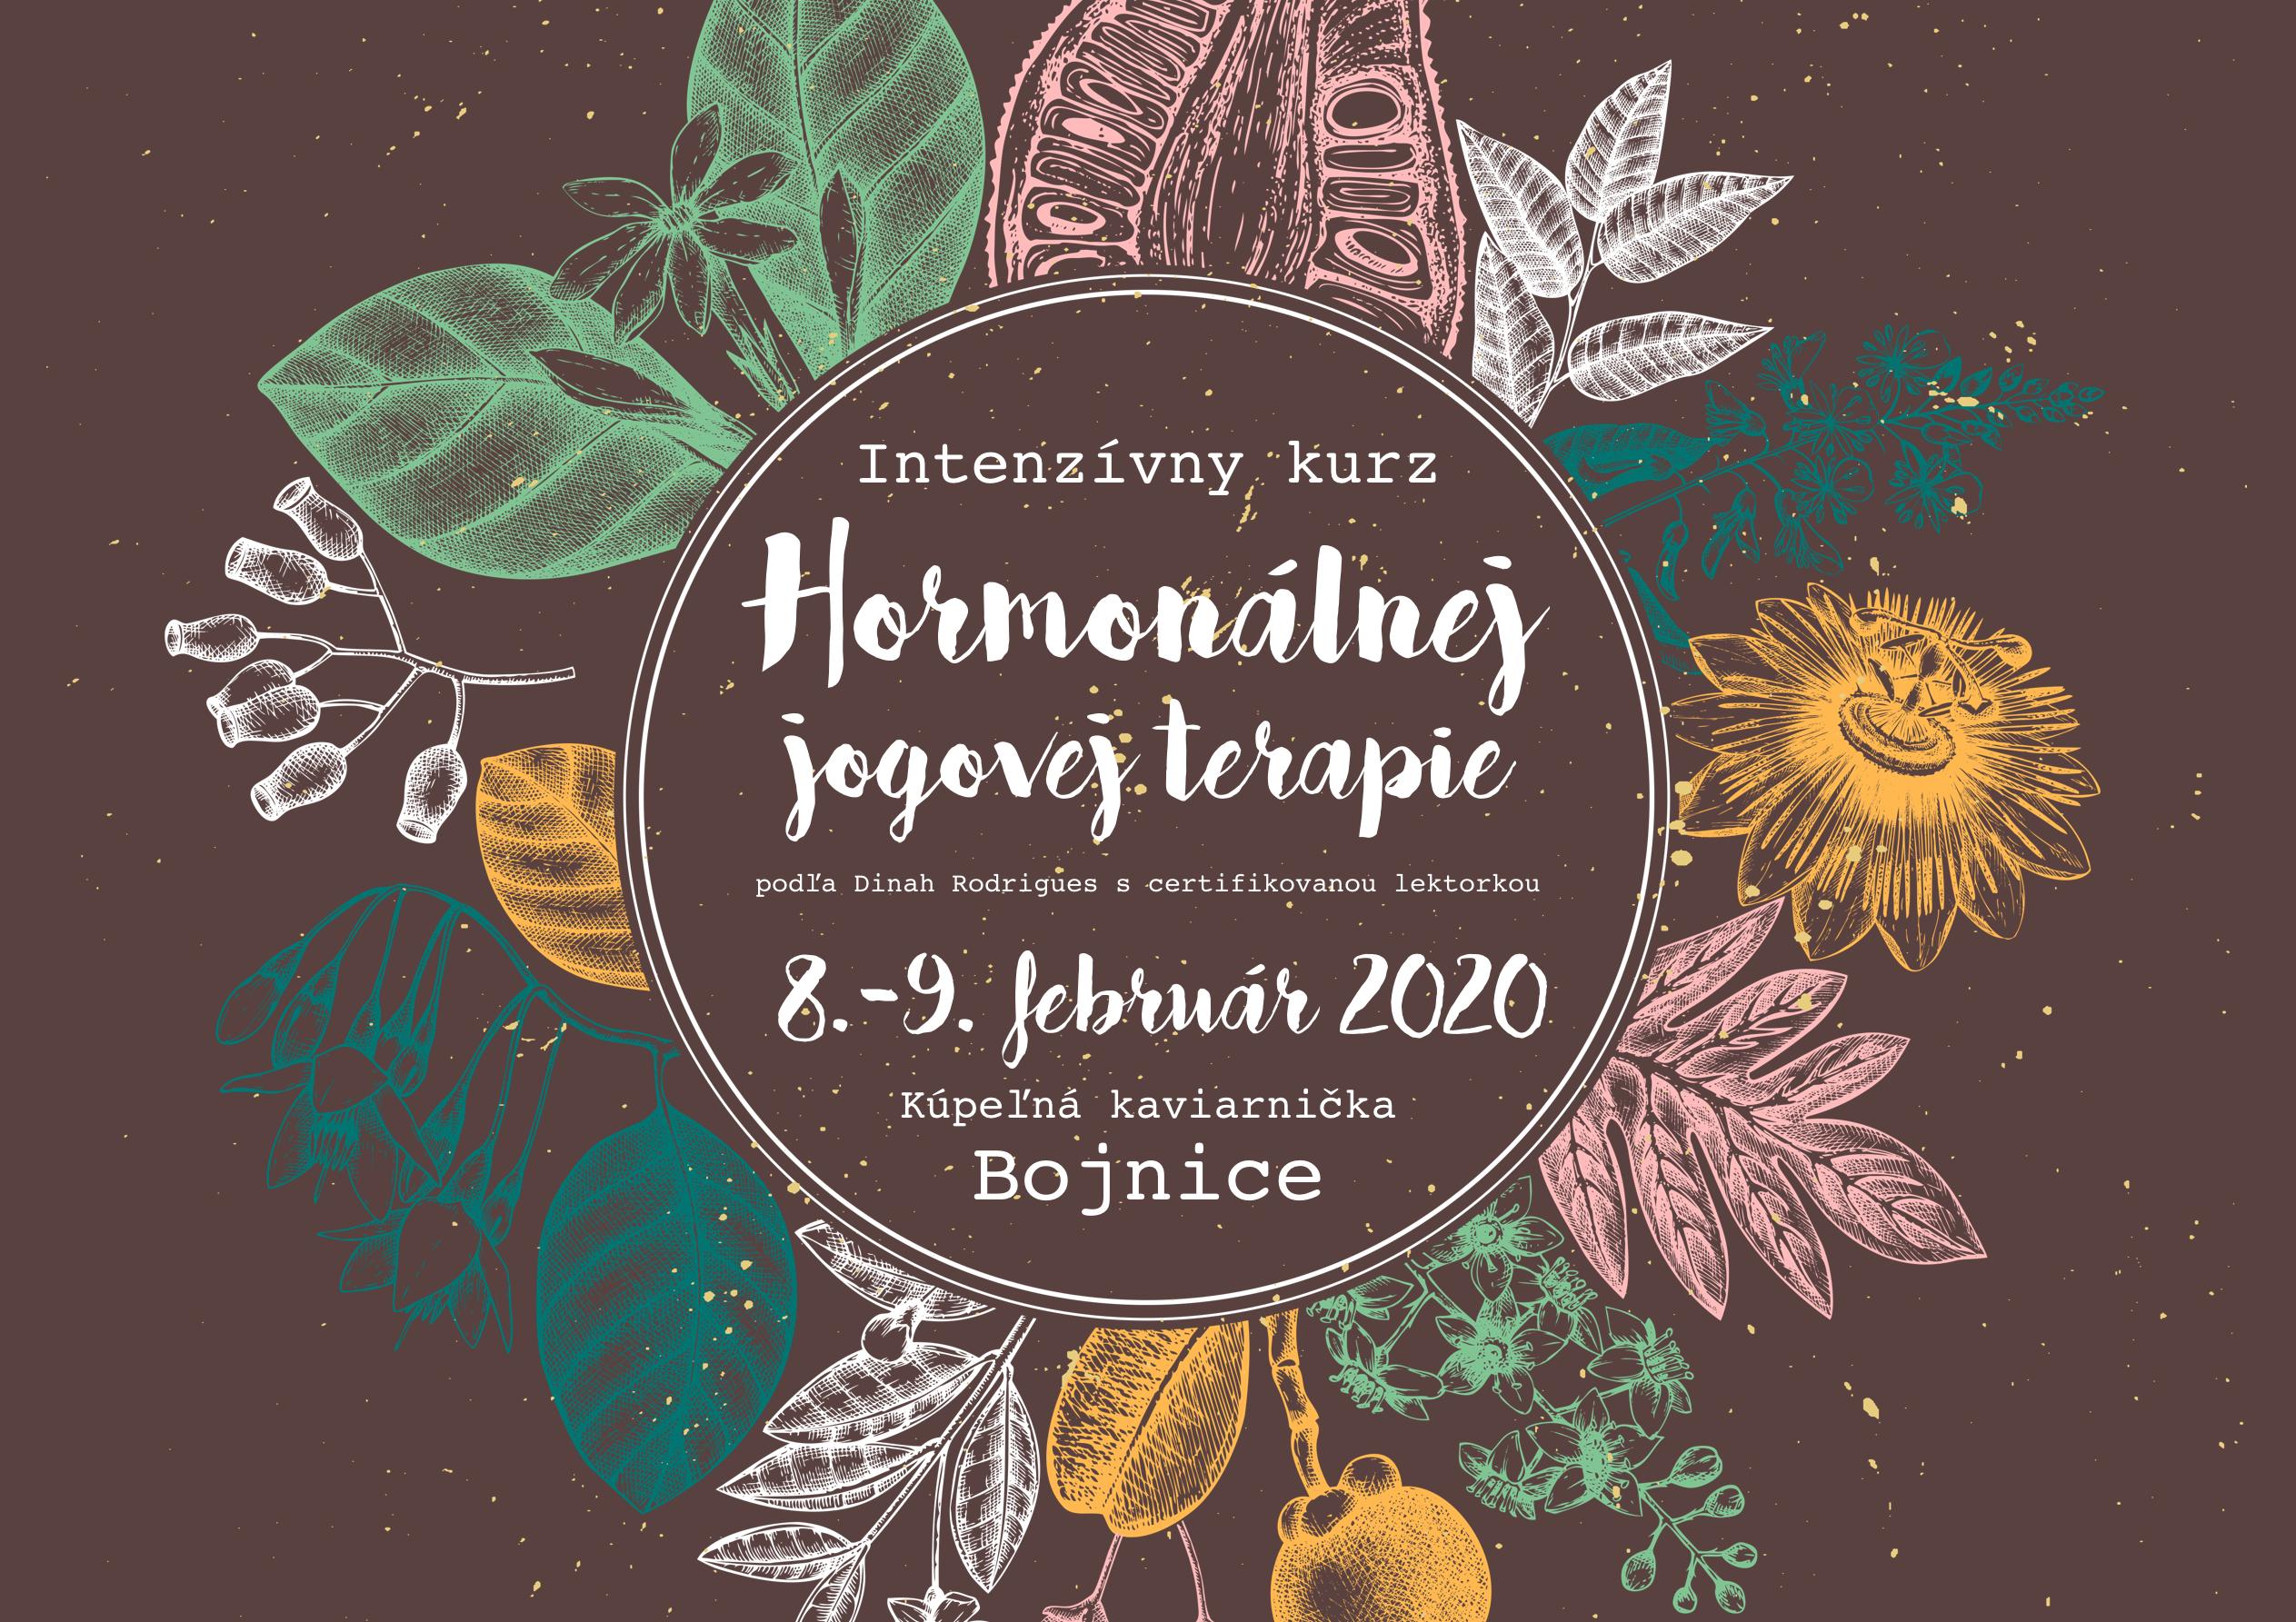 hormonalna-joga-sramkova-KK-Bojnice-8-9-2-20